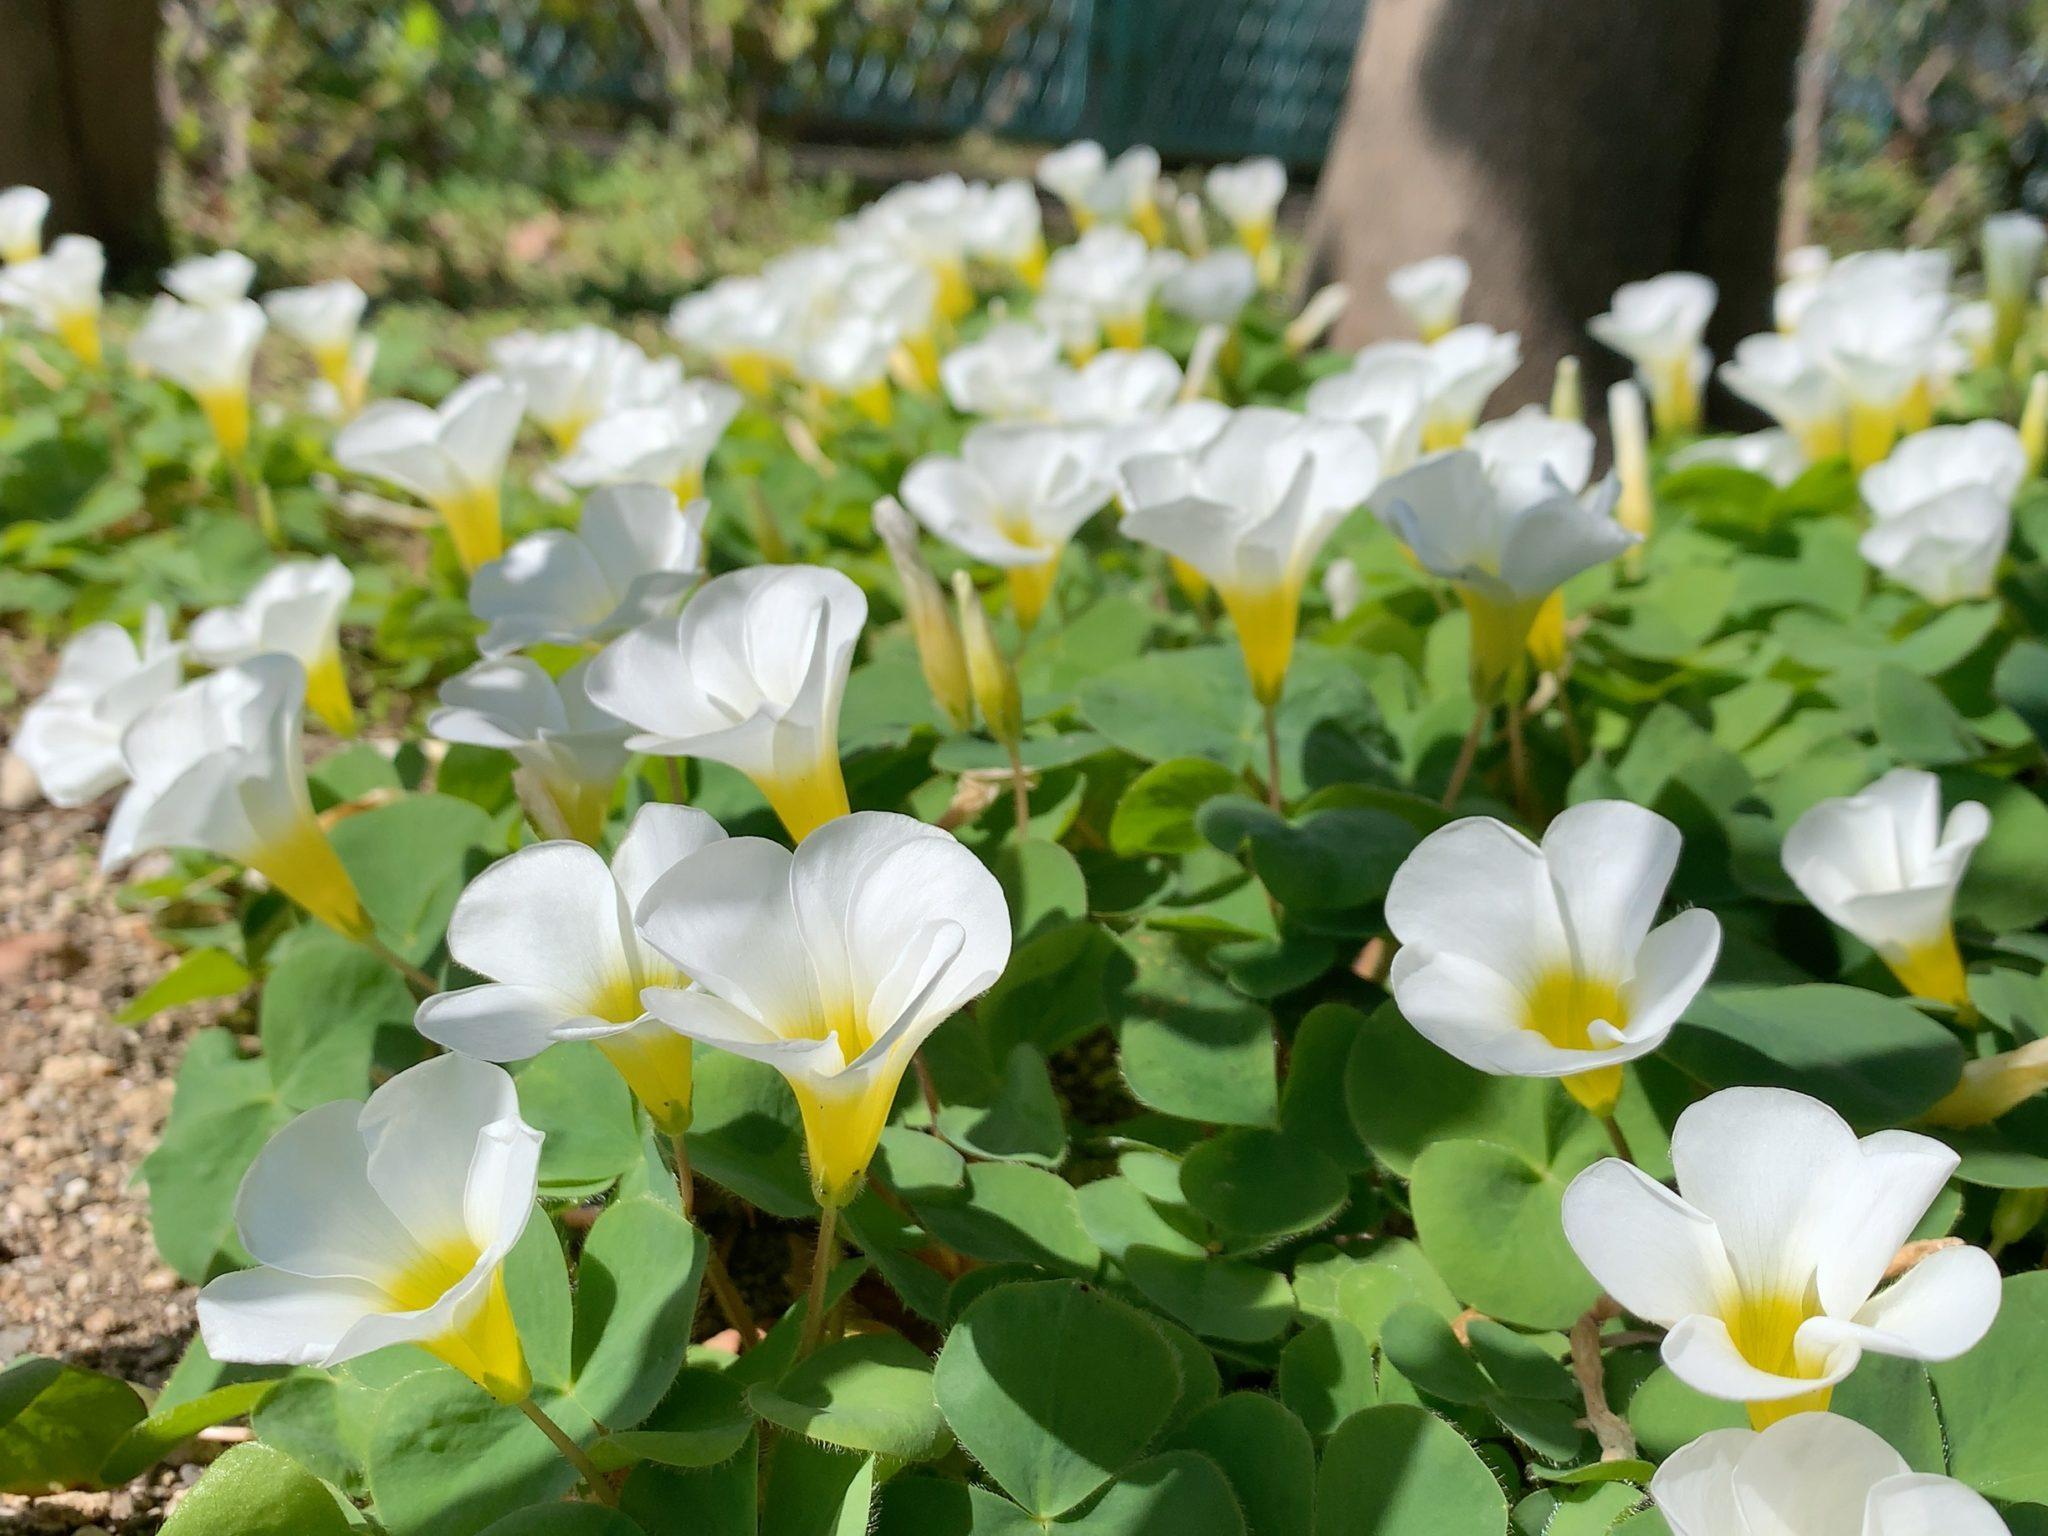 クローバーの白い花